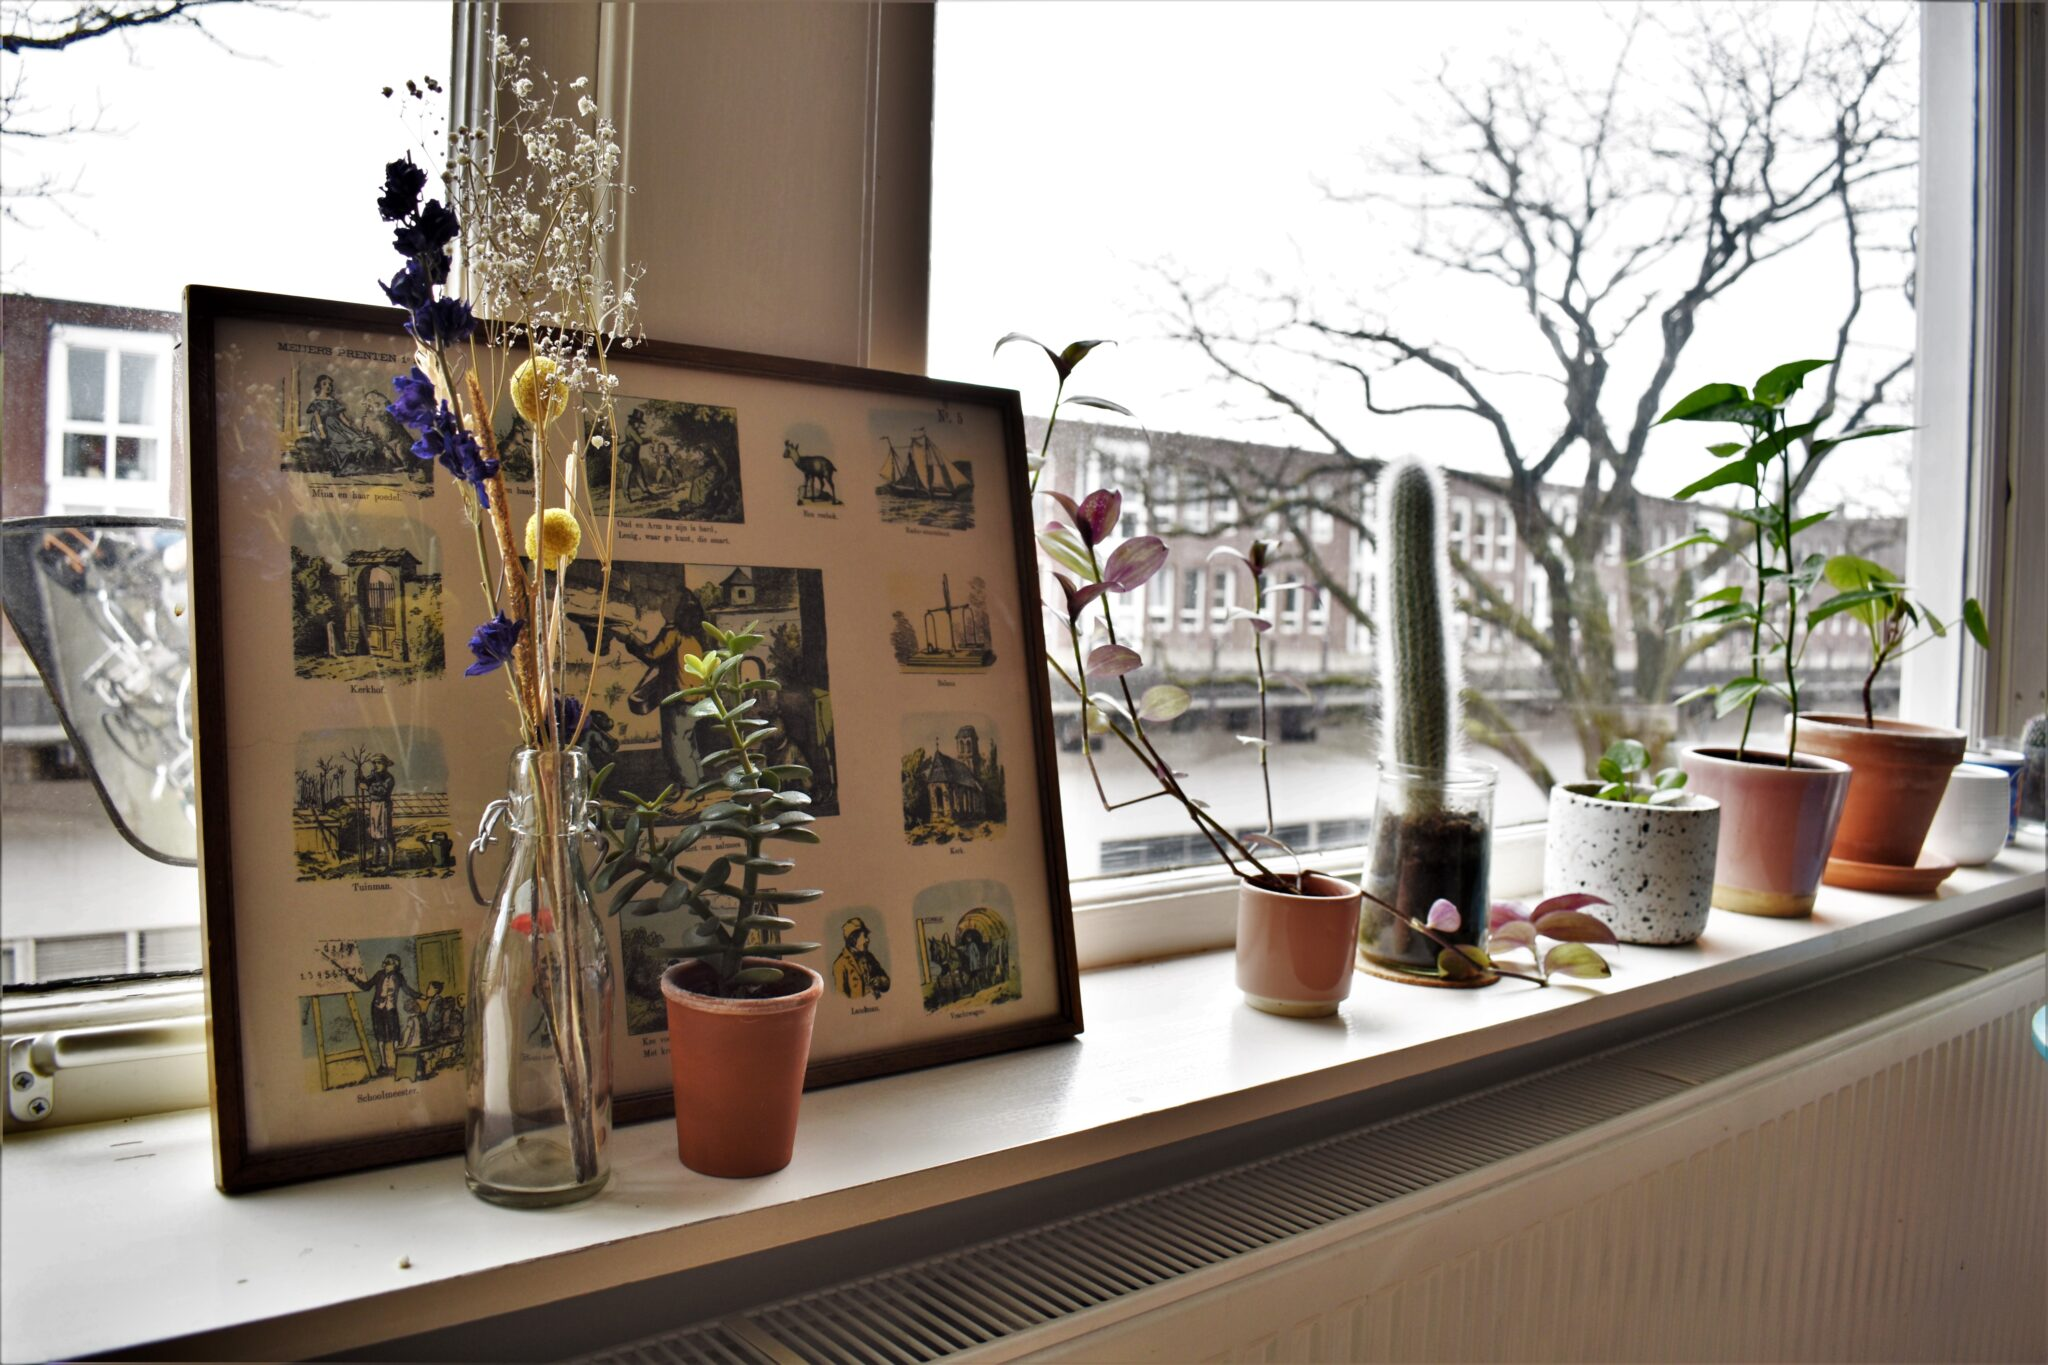 binnenkijken bij annabel en alex vensterbank close-up